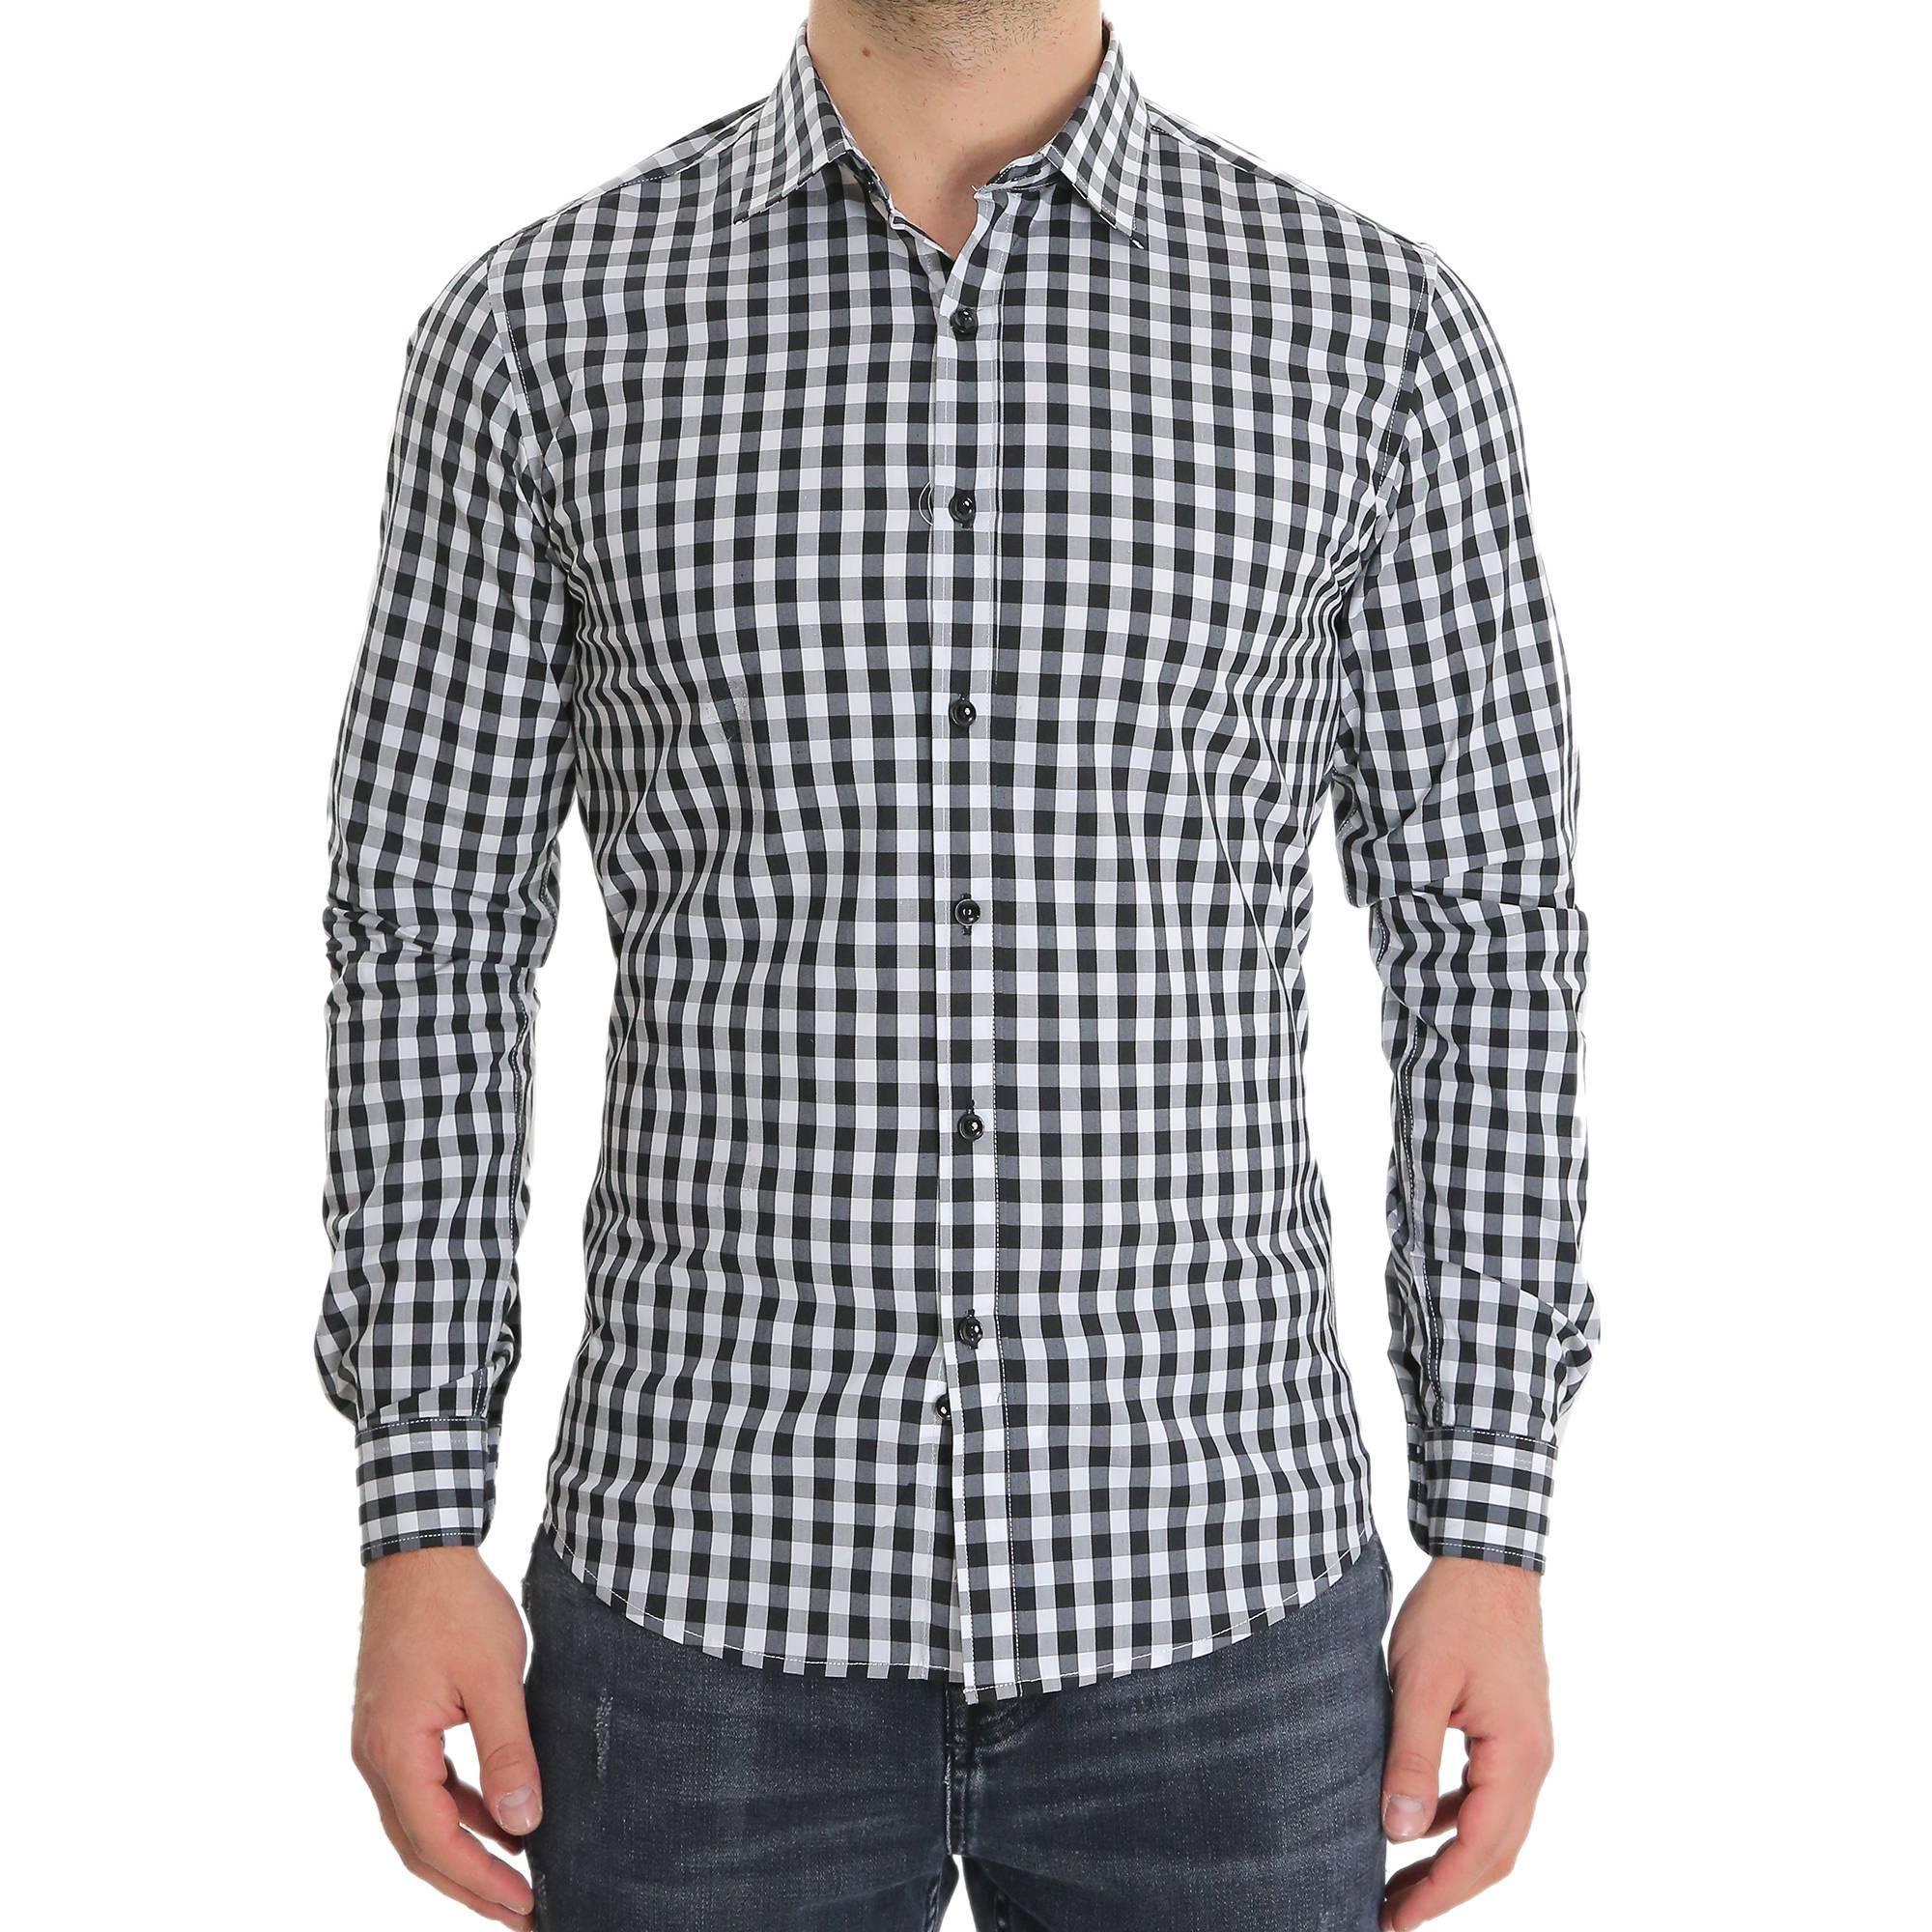 Camicia-Uomo-Cotone-Quadretti-Casual-Slim-Fit-Quadri-Scozzese-Manica-Lunga miniatura 3